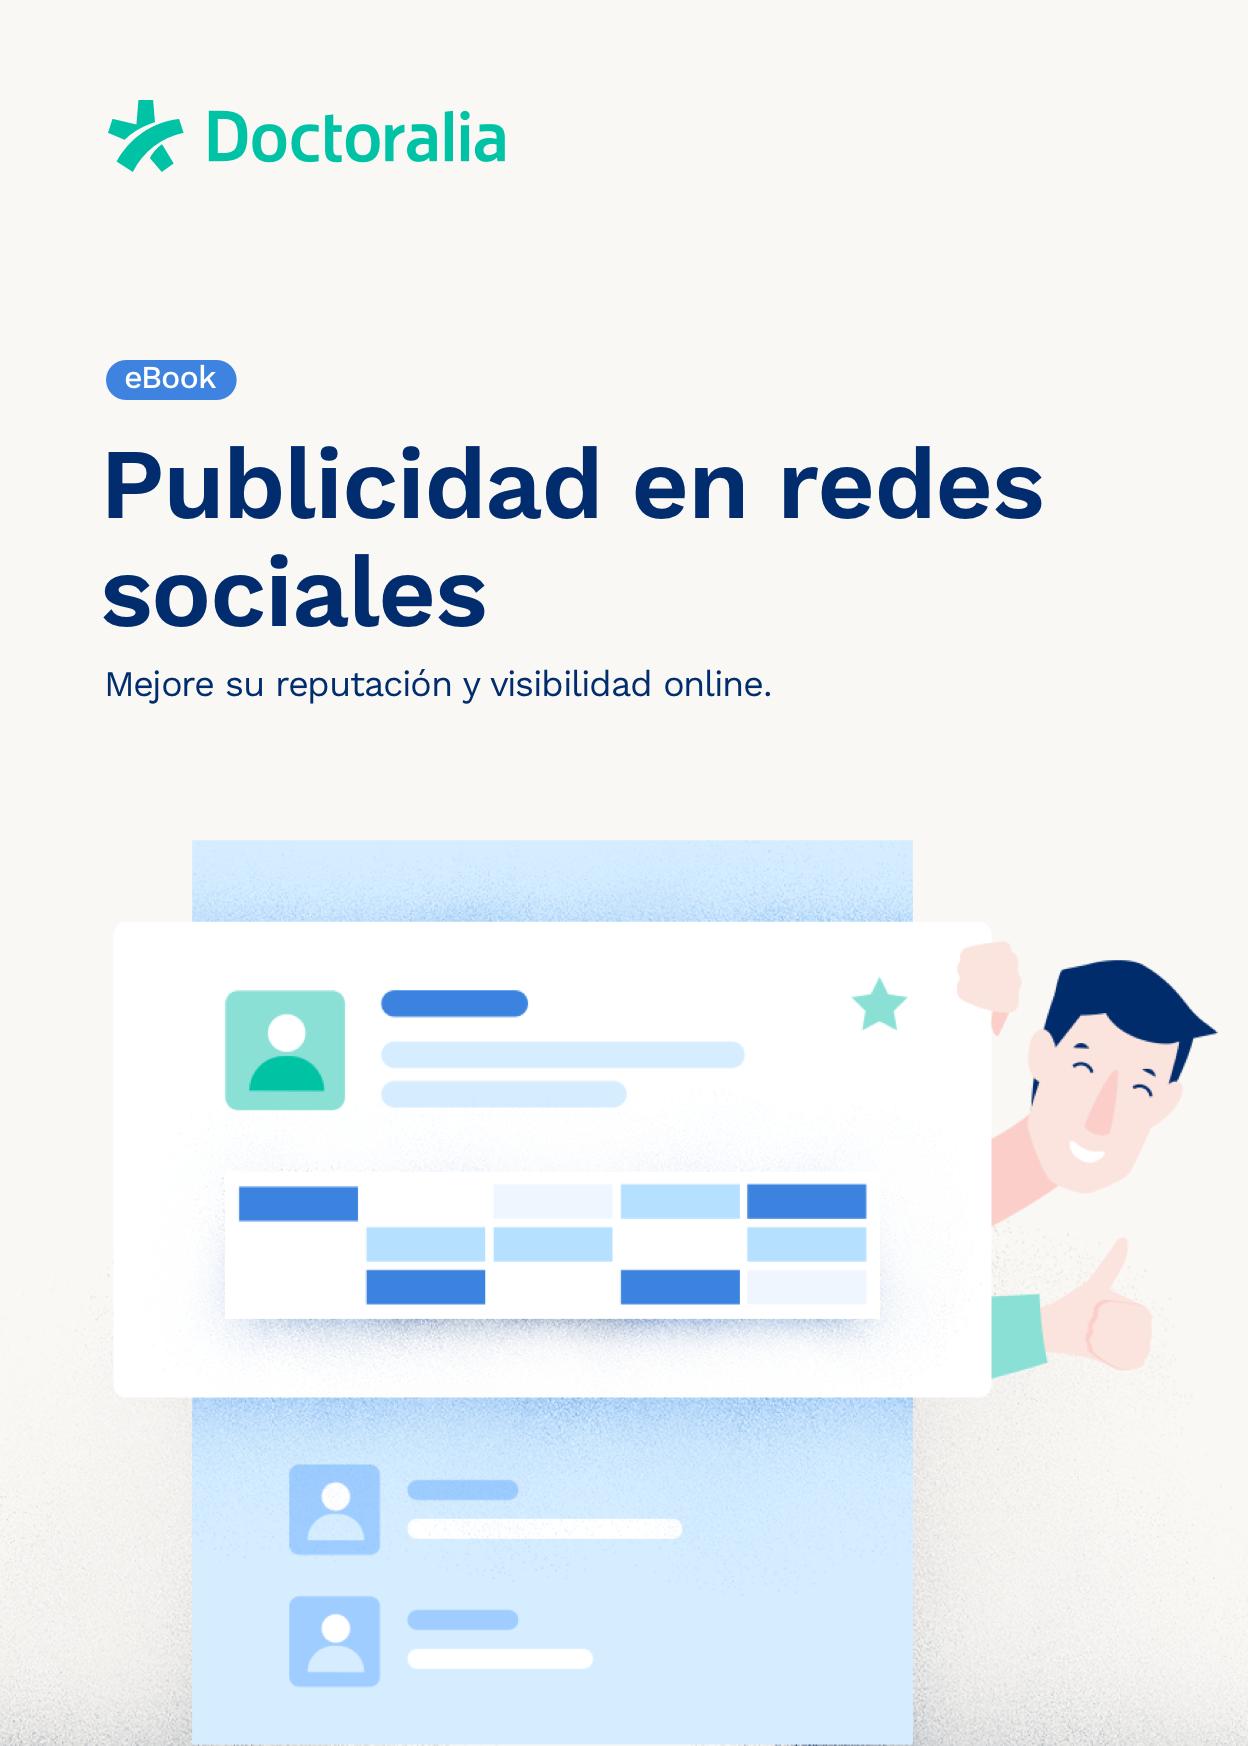 shareable-es-ebook-pub-rrss